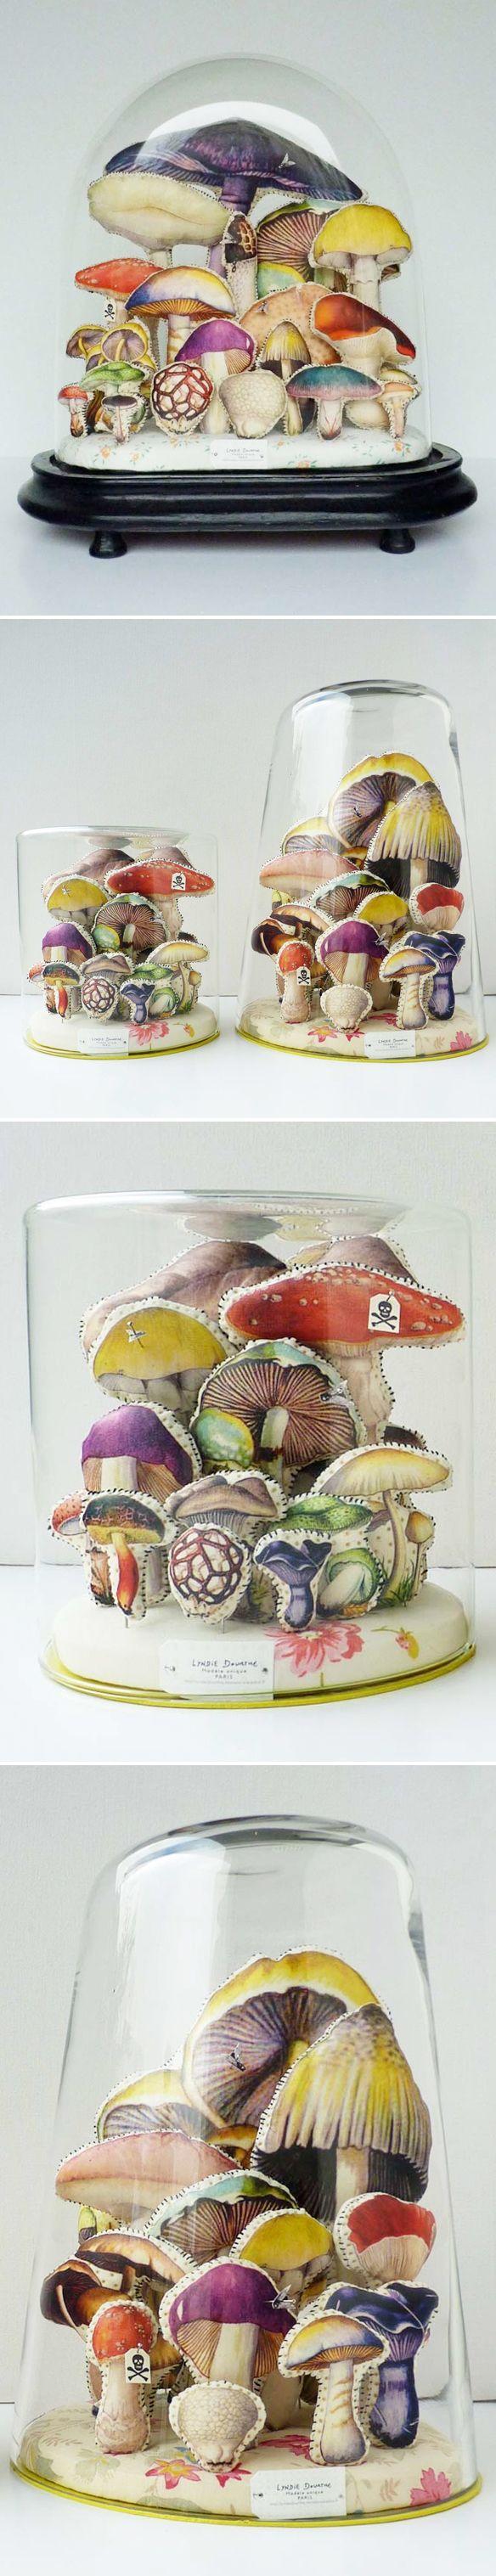 lyndie dourthe - textile mushroom terrariums <3